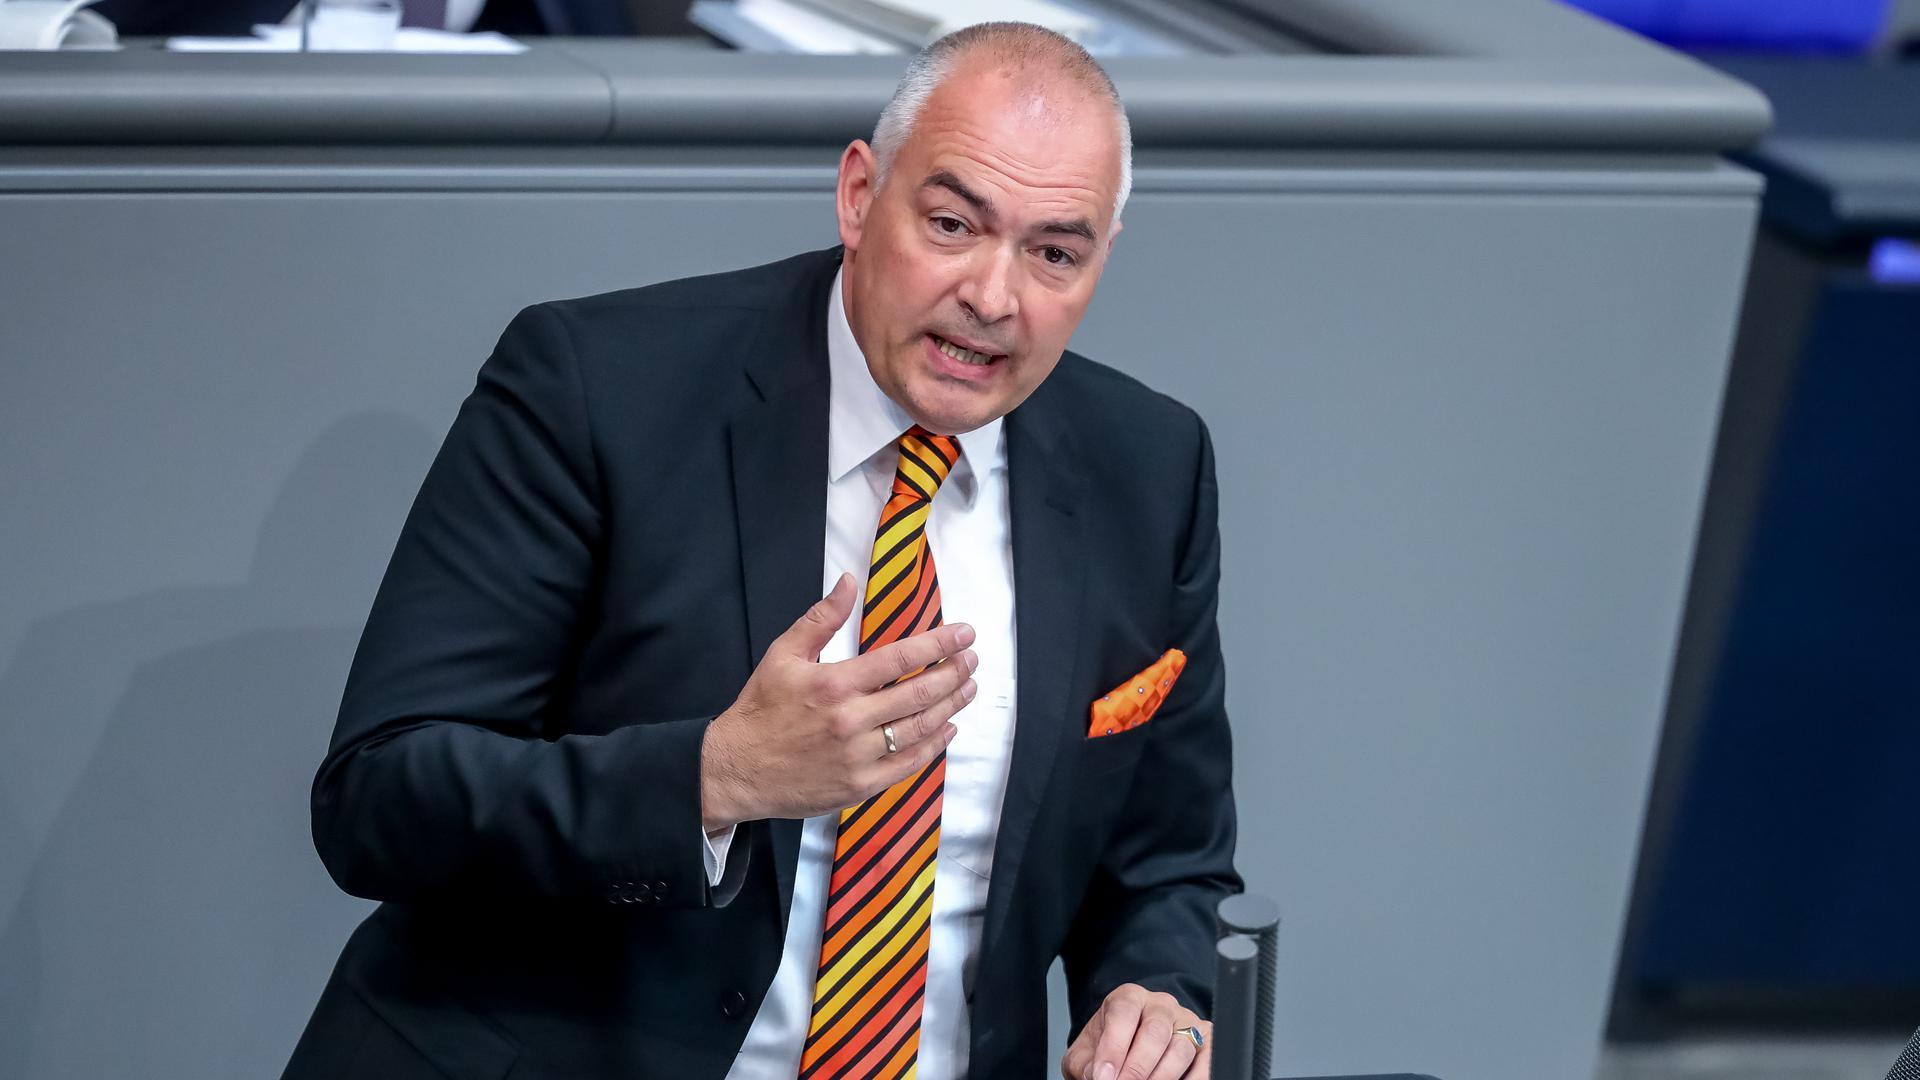 Axel Fischer (CDU) spricht im Bundestag.